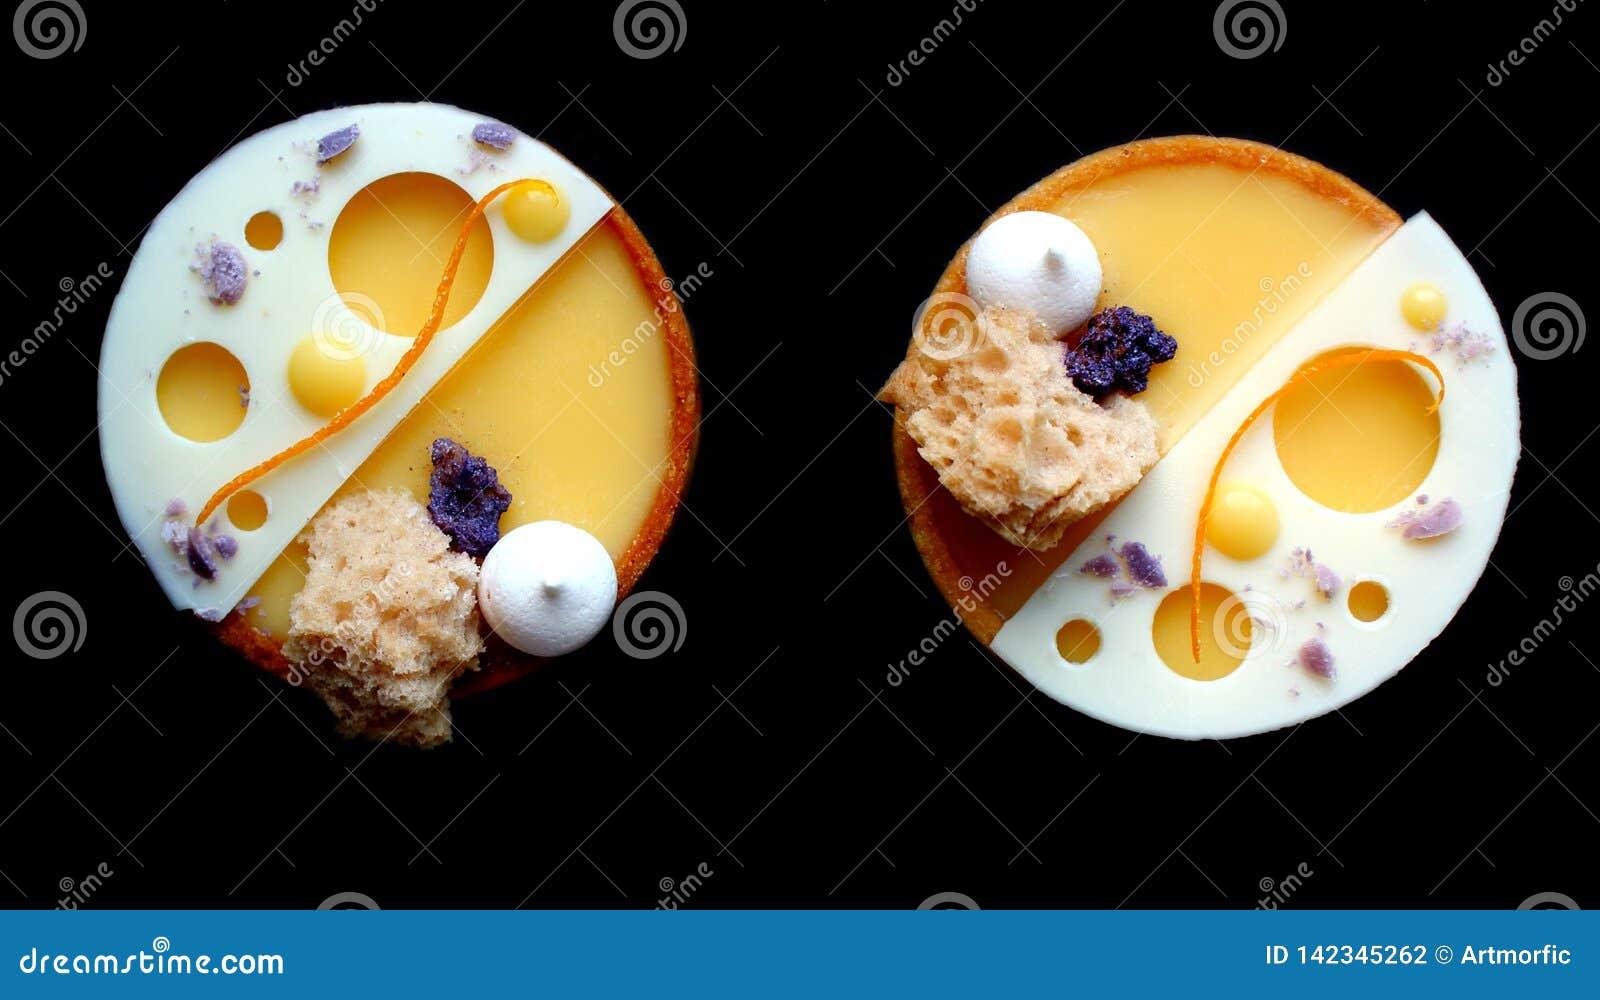 Πορτοκαλιά tarts με τις μαρέγκες και άσπρη σοκολάτα στο μαύρο υπόβαθρο